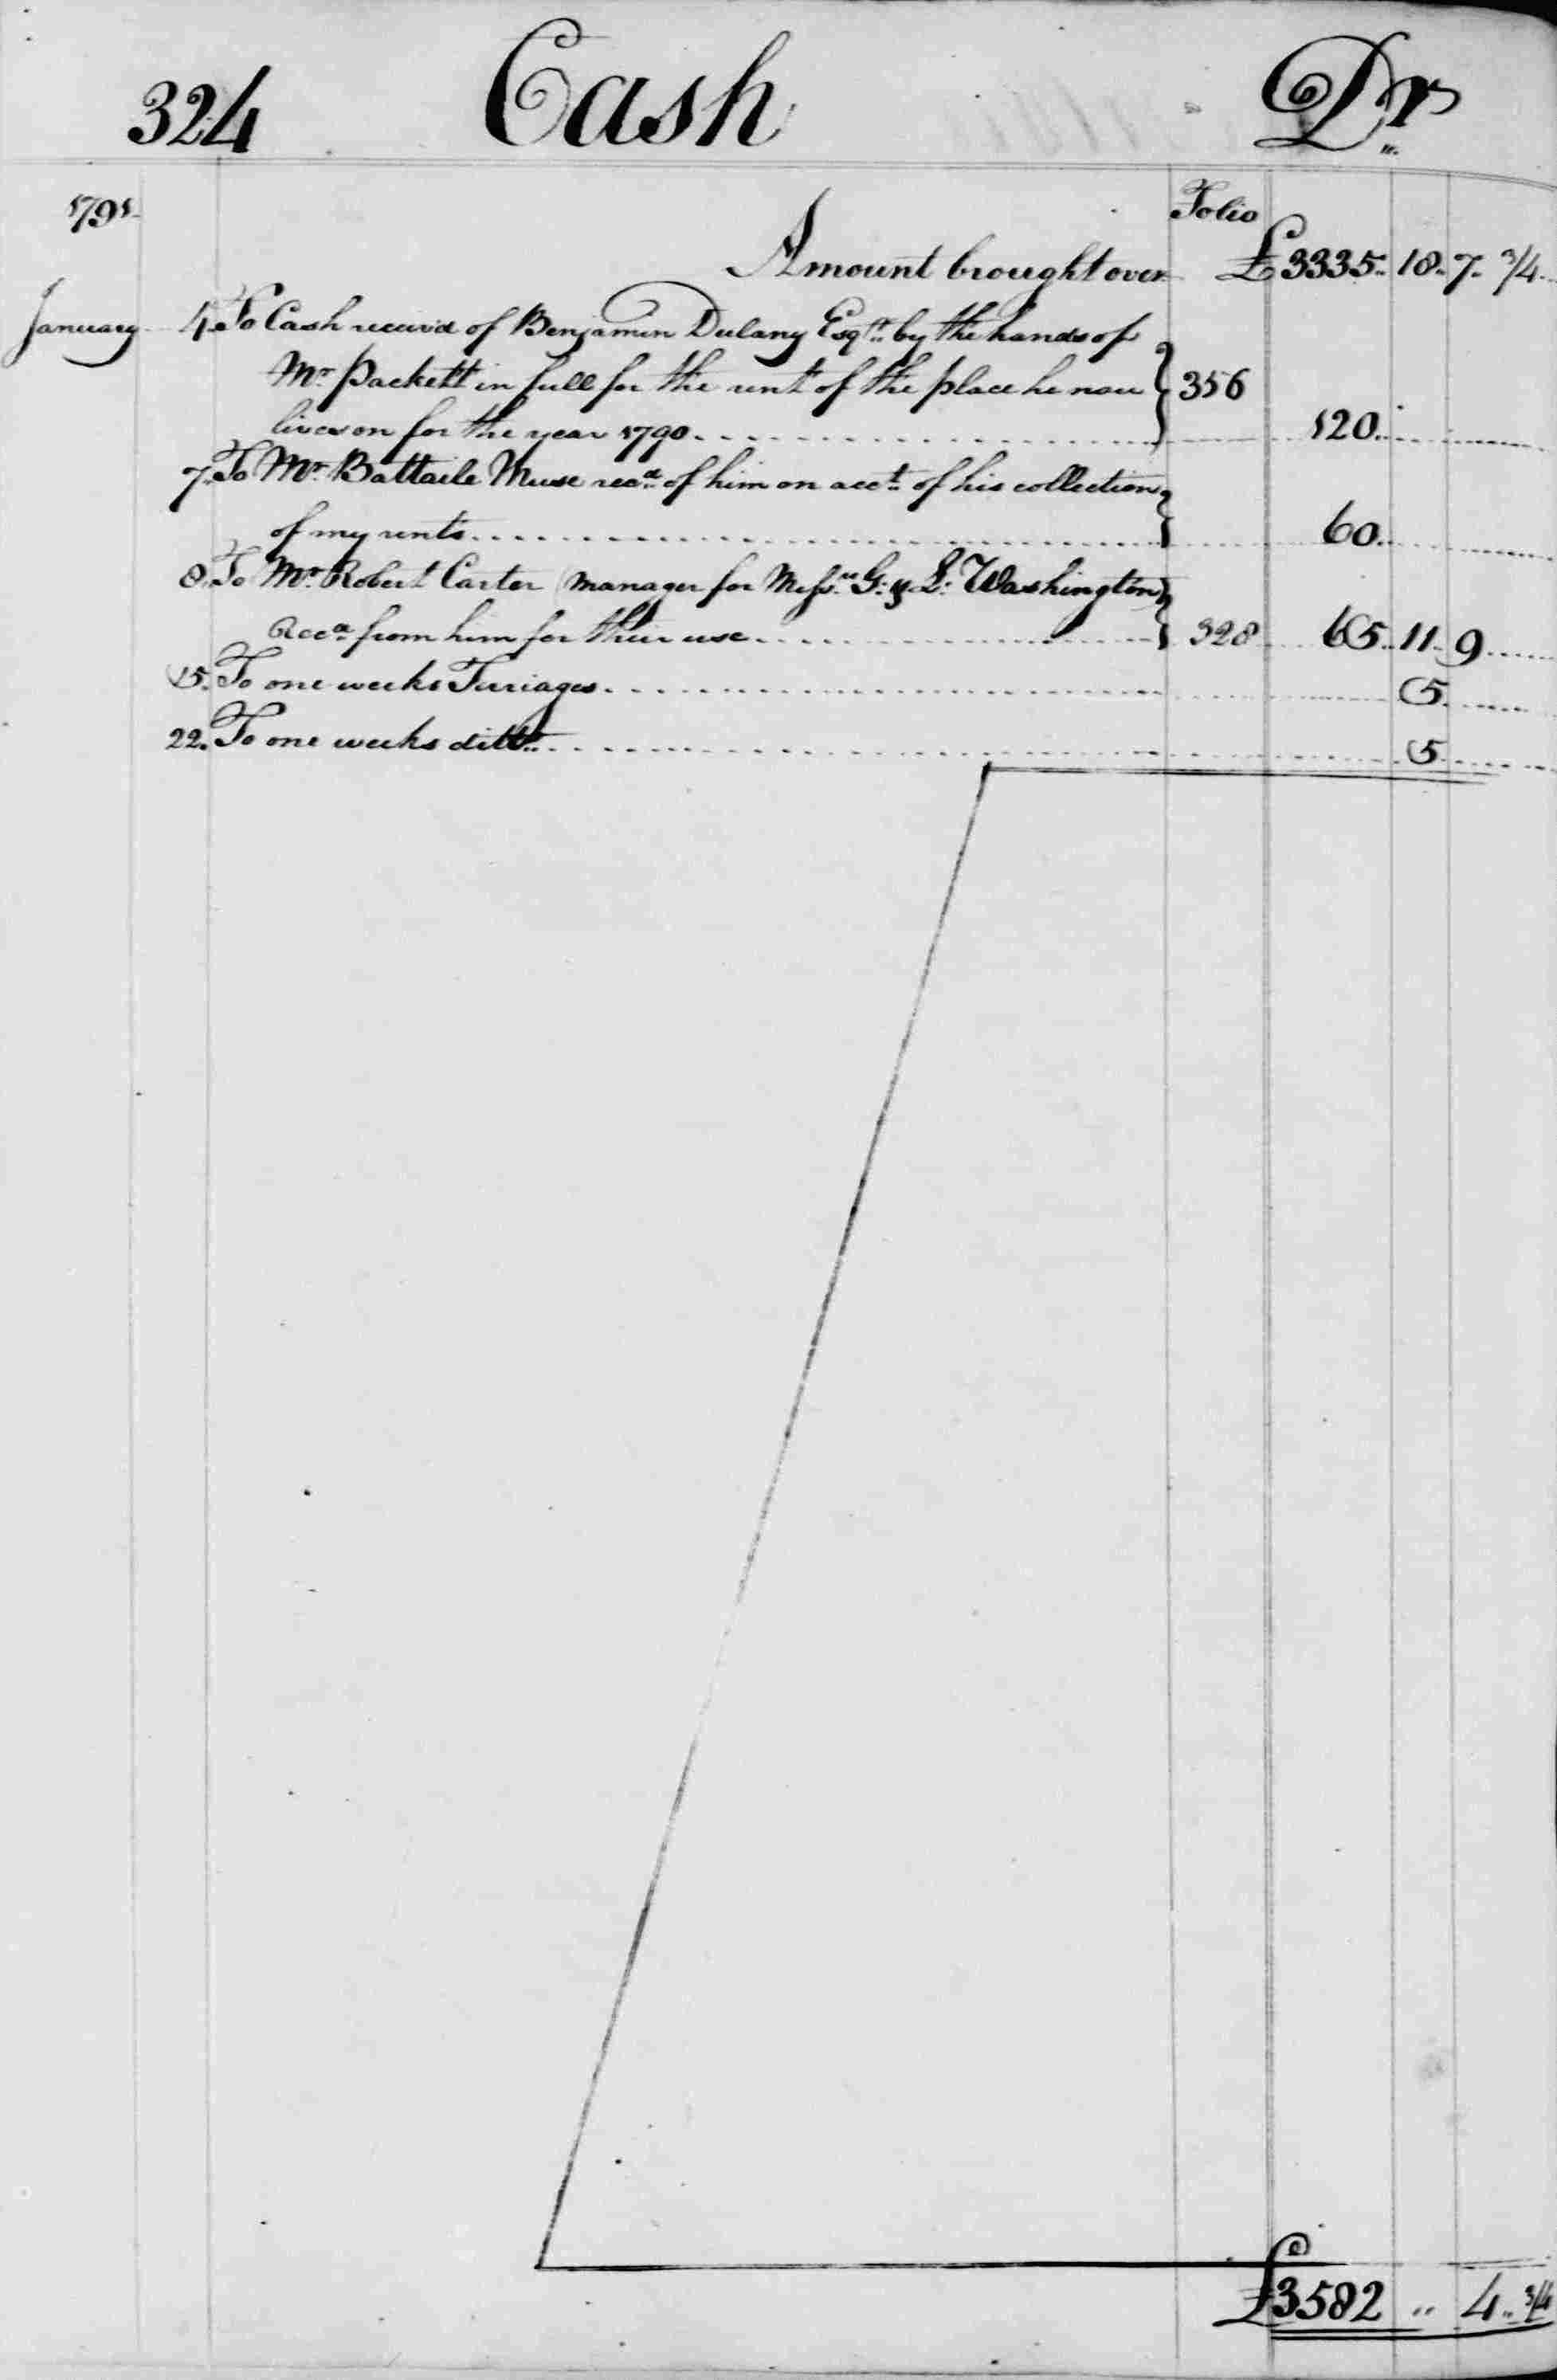 Ledger B, folio 324, left side